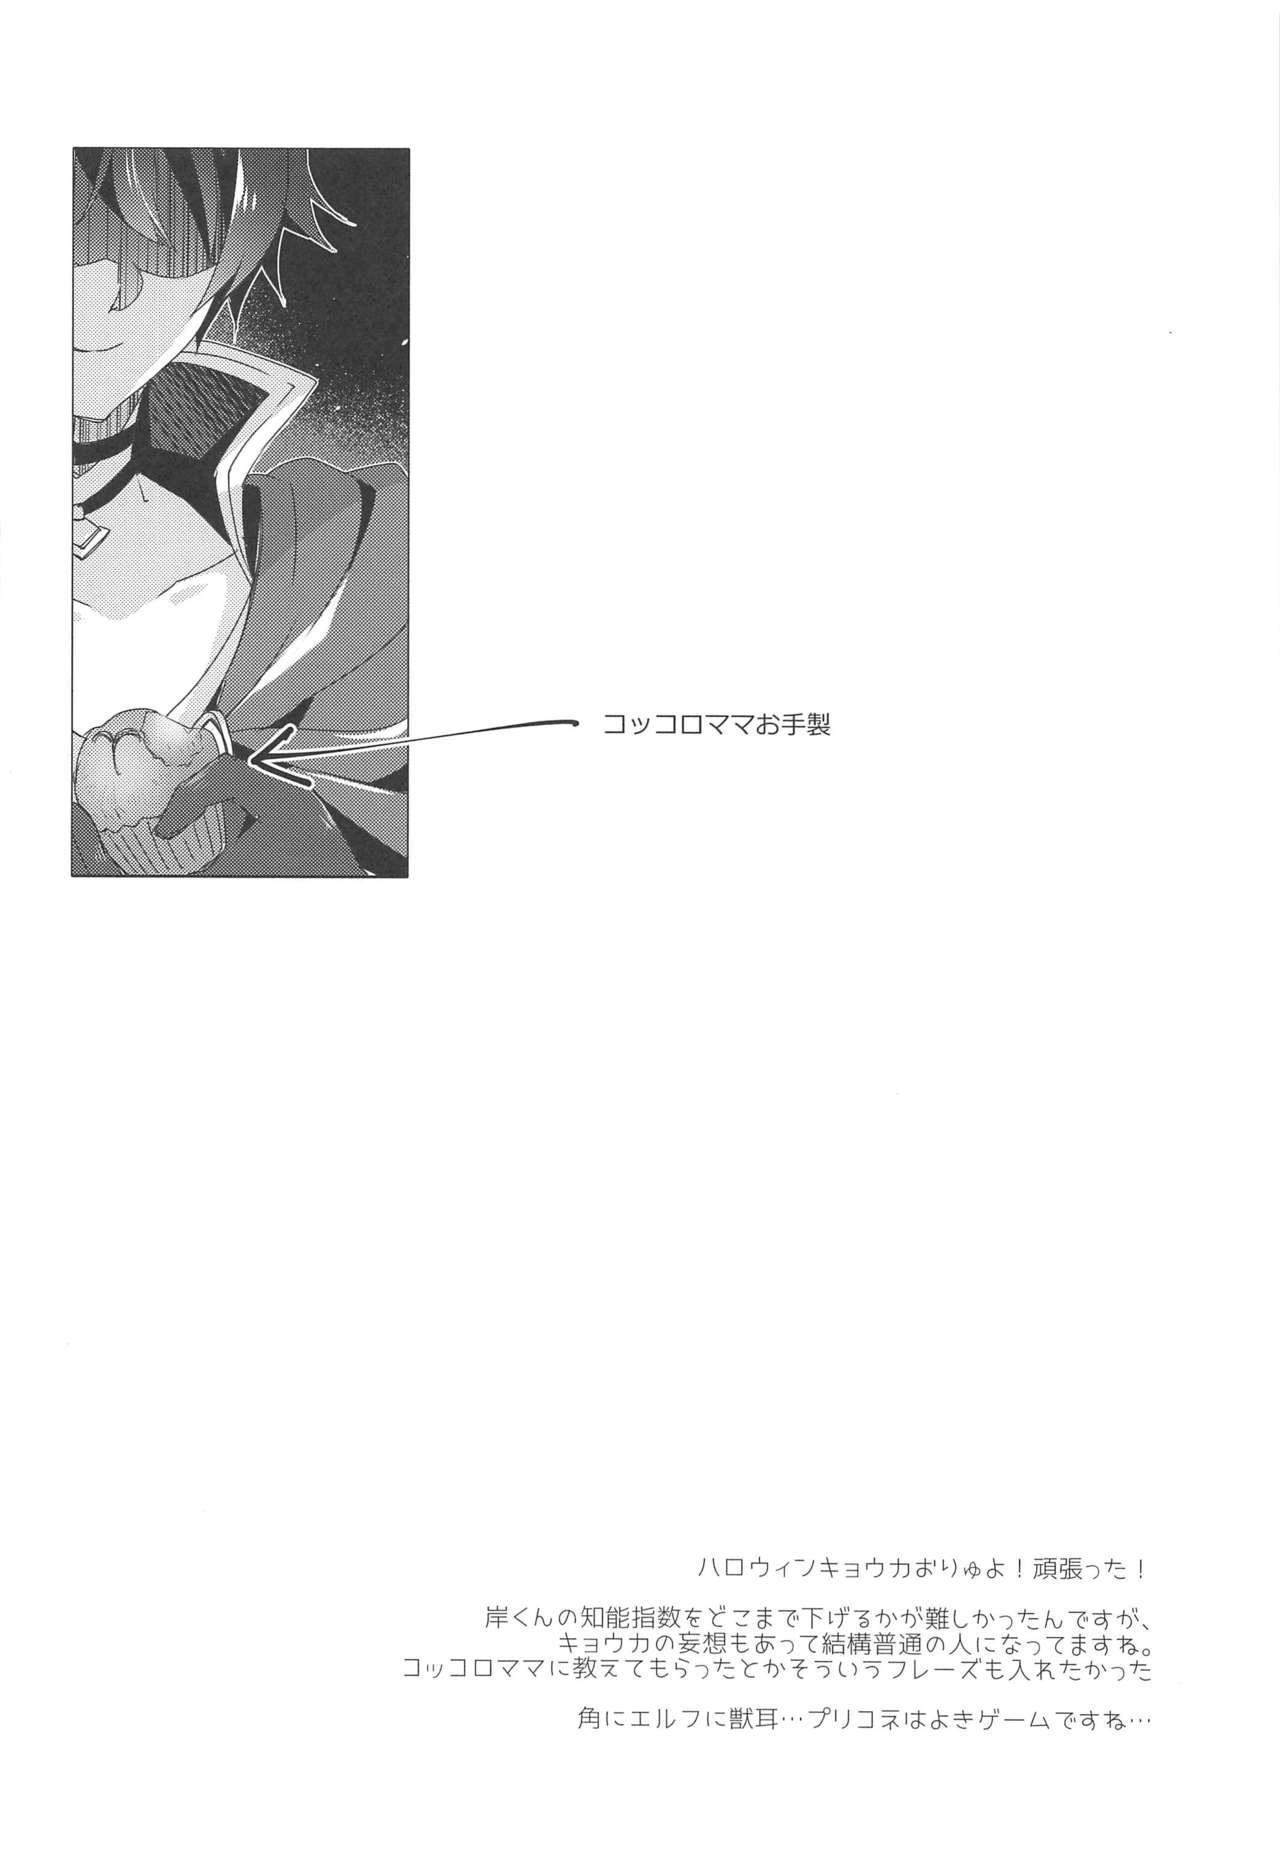 Kyouka-chan to Otona no Okashi 14